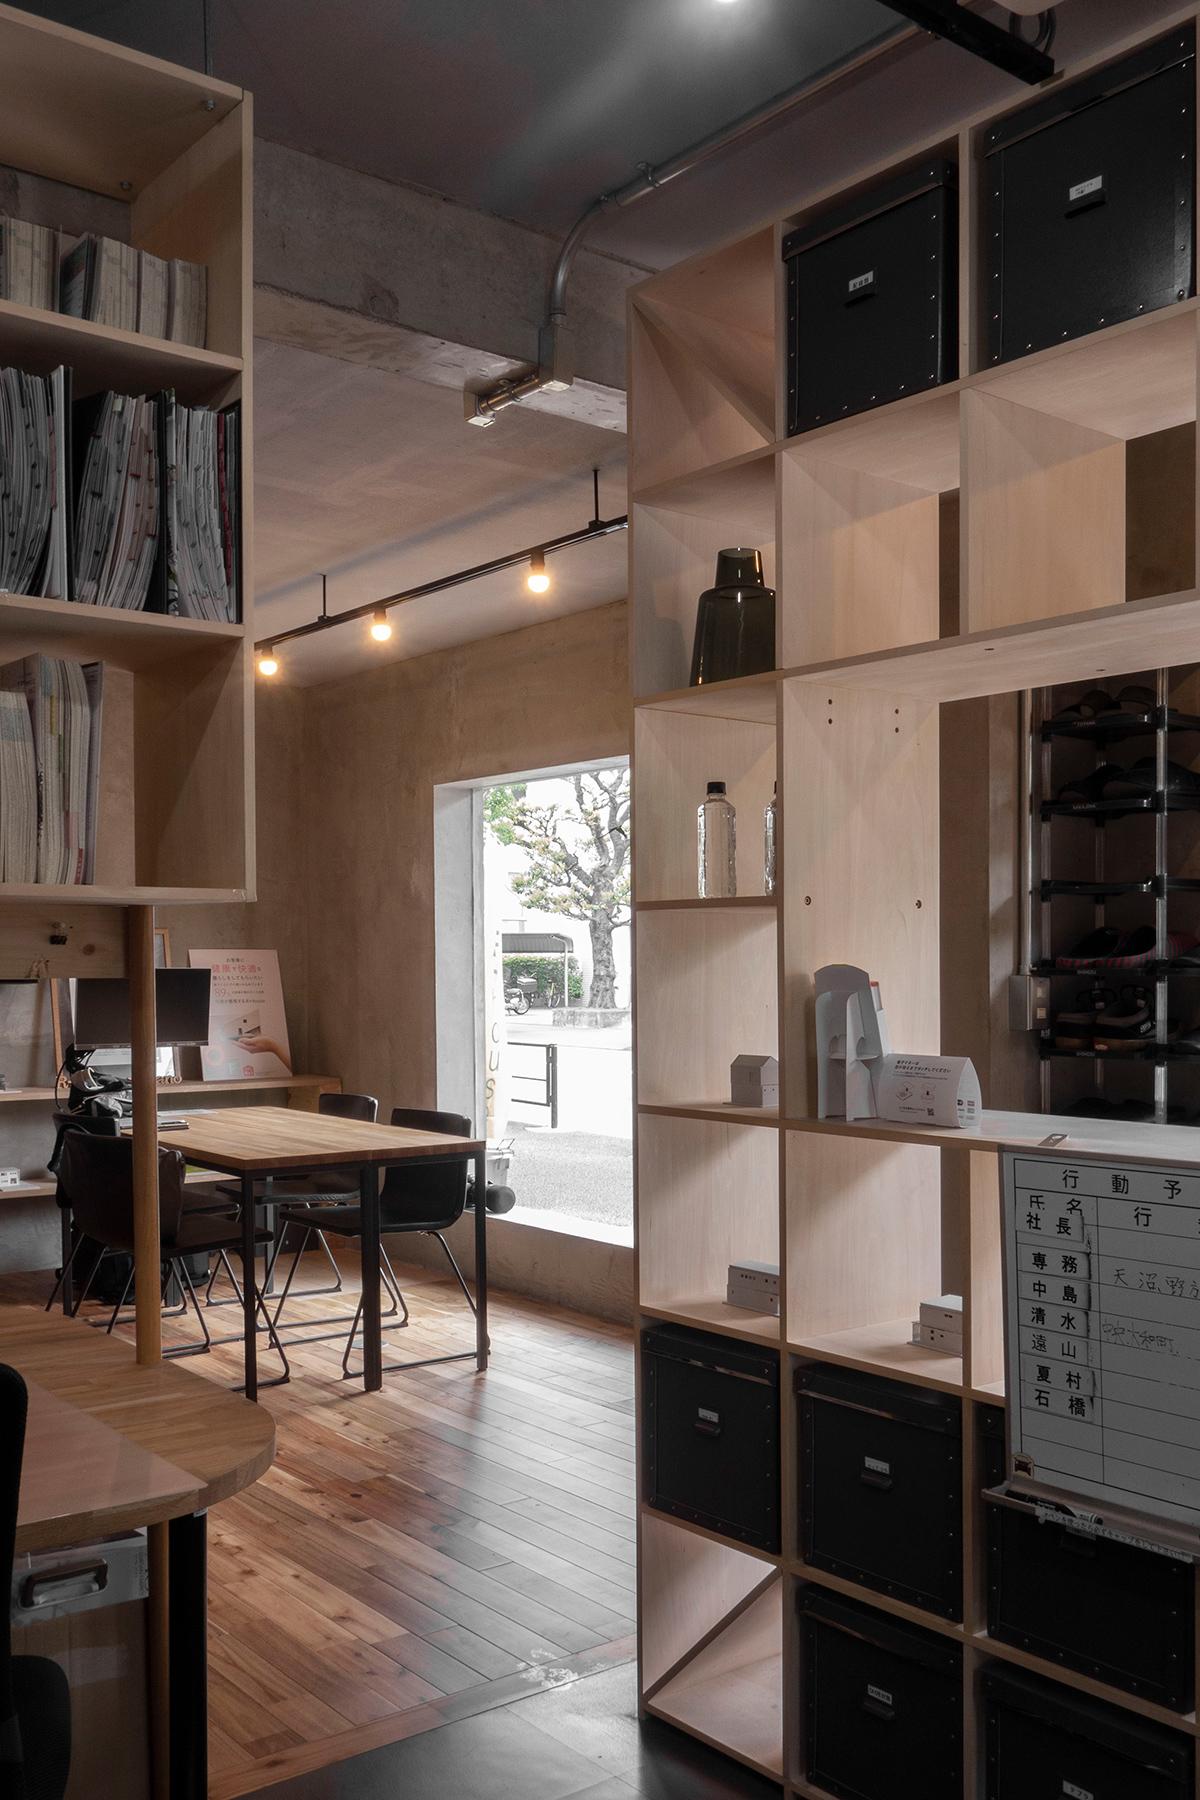 4面が囲まれた執務スペース | 壁一面の本棚 奥行350mm / Shelf (No.101) | マルゲリータ使用例